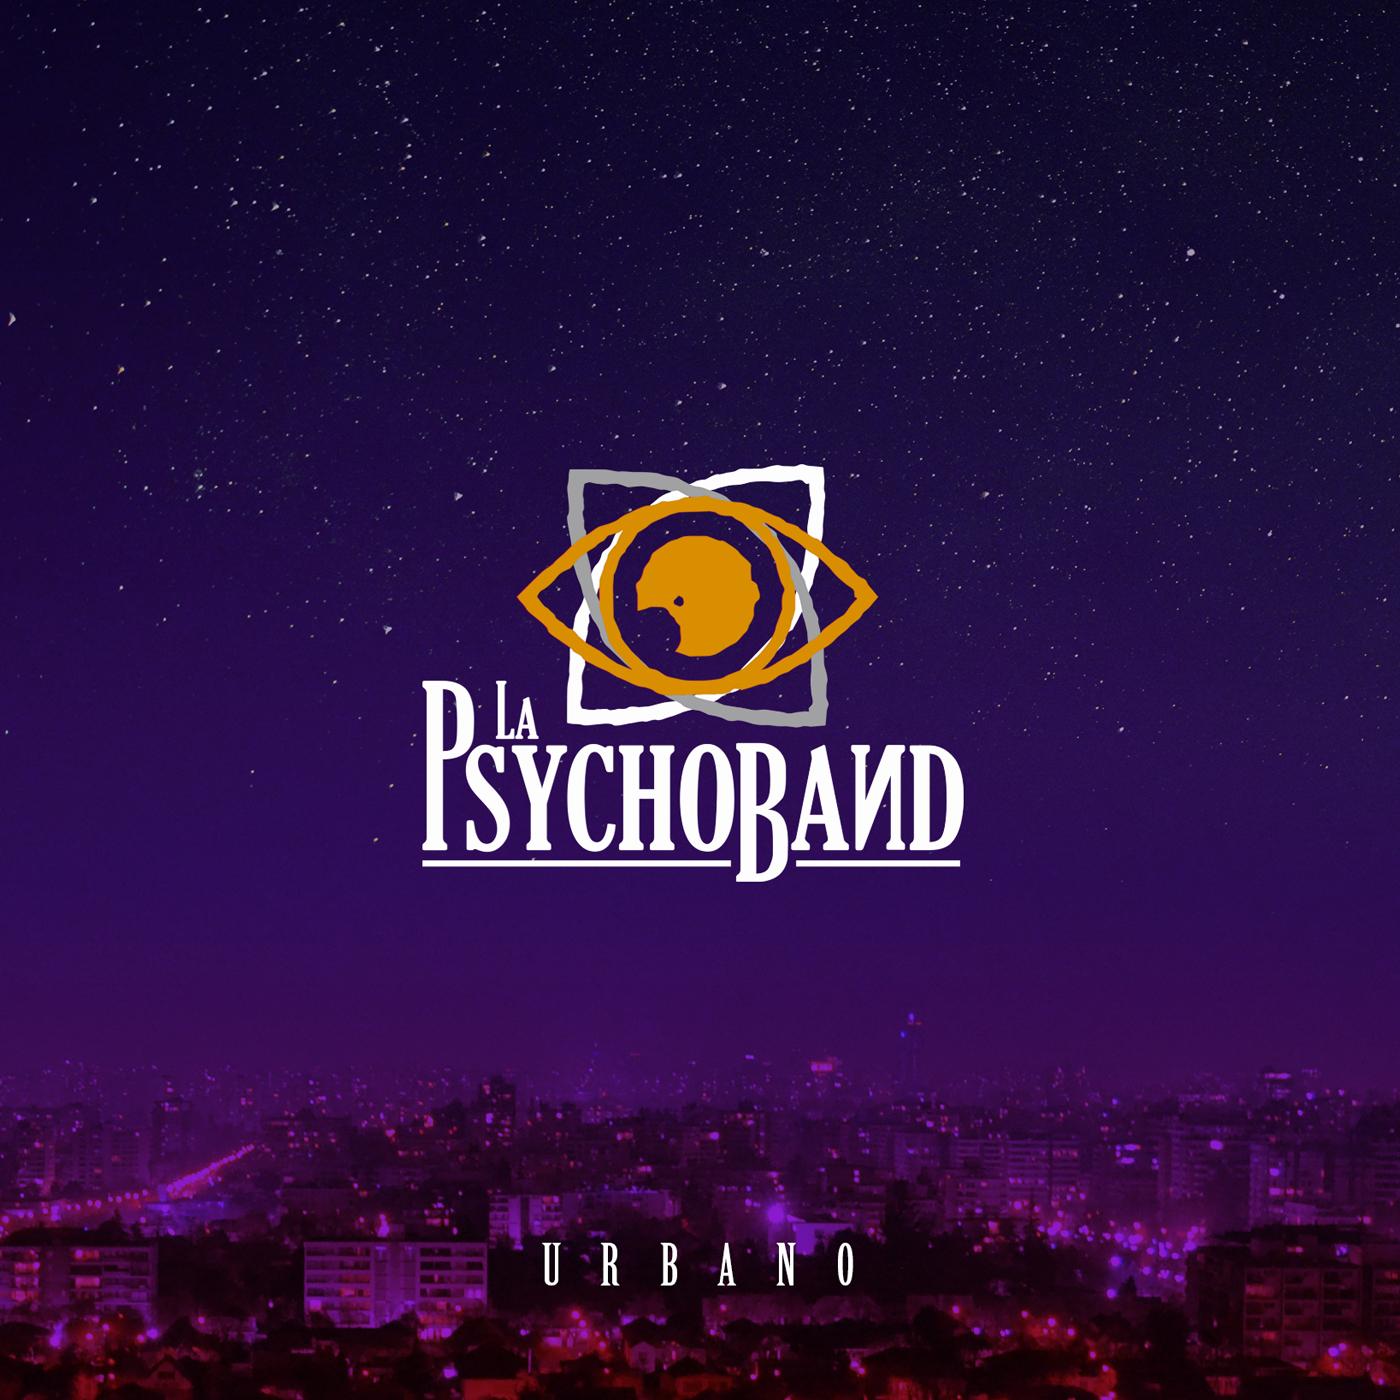 La Psychoband - Urbano